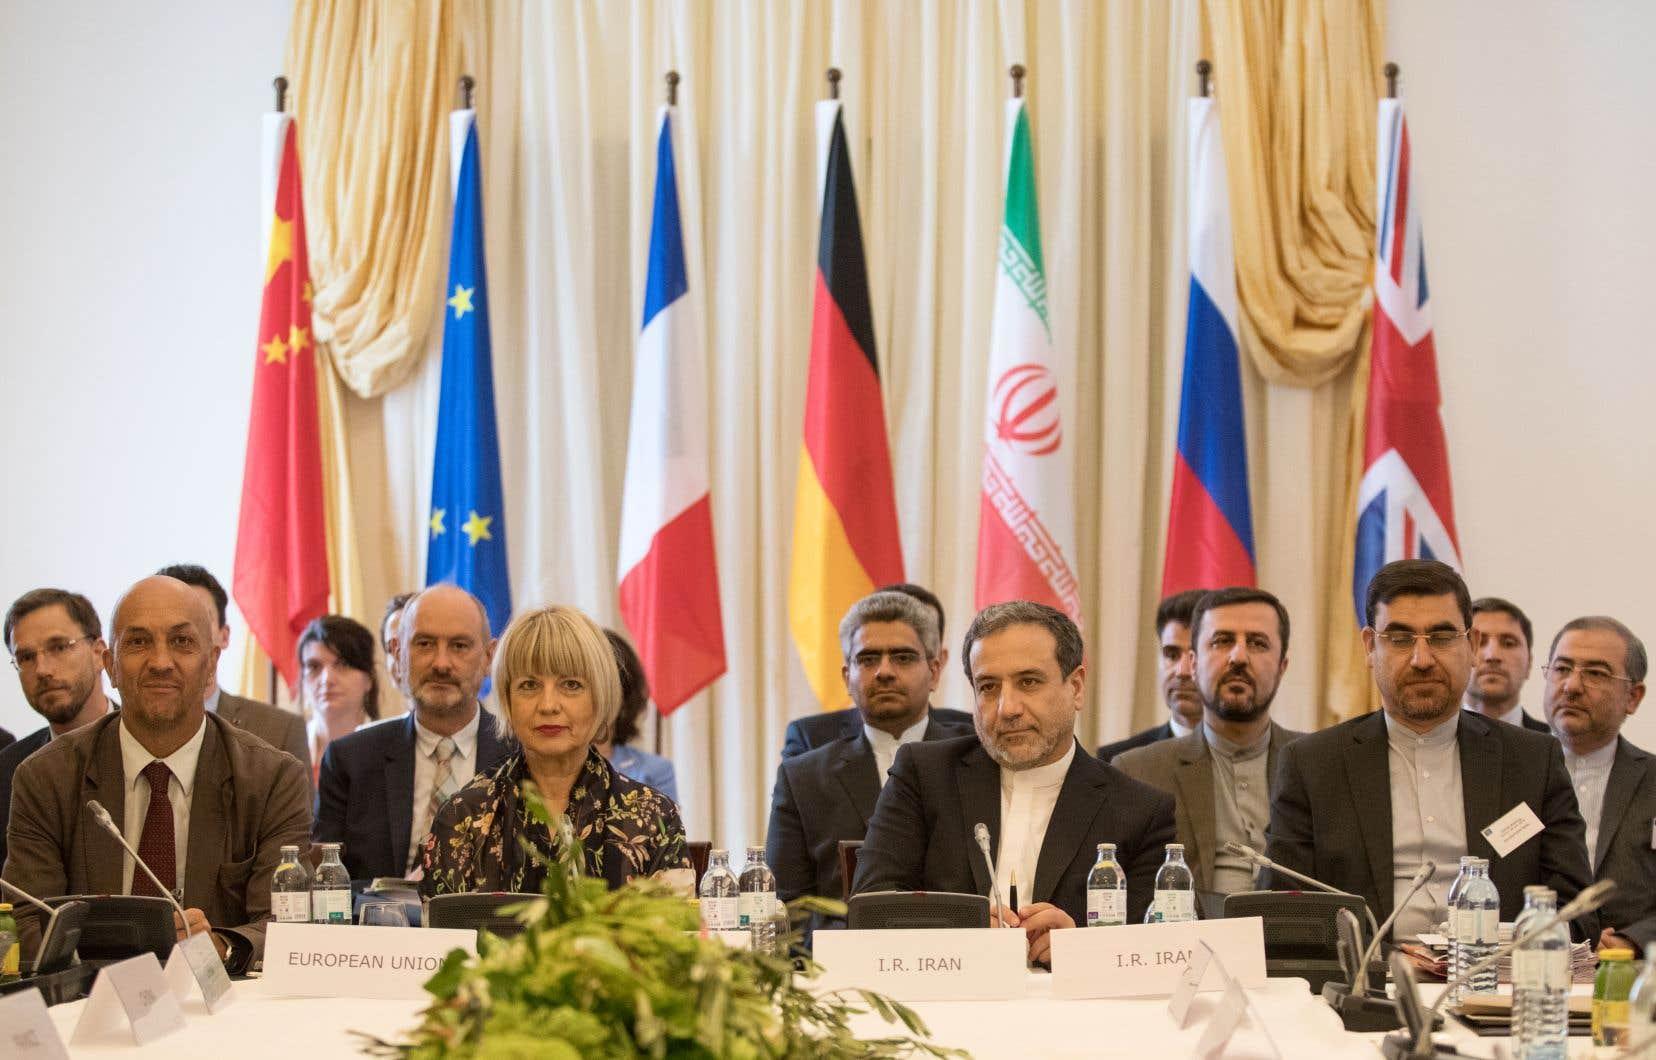 Abbas Araghchi (centre droit), député politique au ministère des Affaires étrangères d'Iran, et Helga Schmid (centre gauche), secrétaire générale du Service d'action extérieure de l'Union européenne (SEAE), participent à une réunion de la Commission mixte du Plan d'action global commun (JCPOA) au Palais Coburg à Vienne, en Autriche.